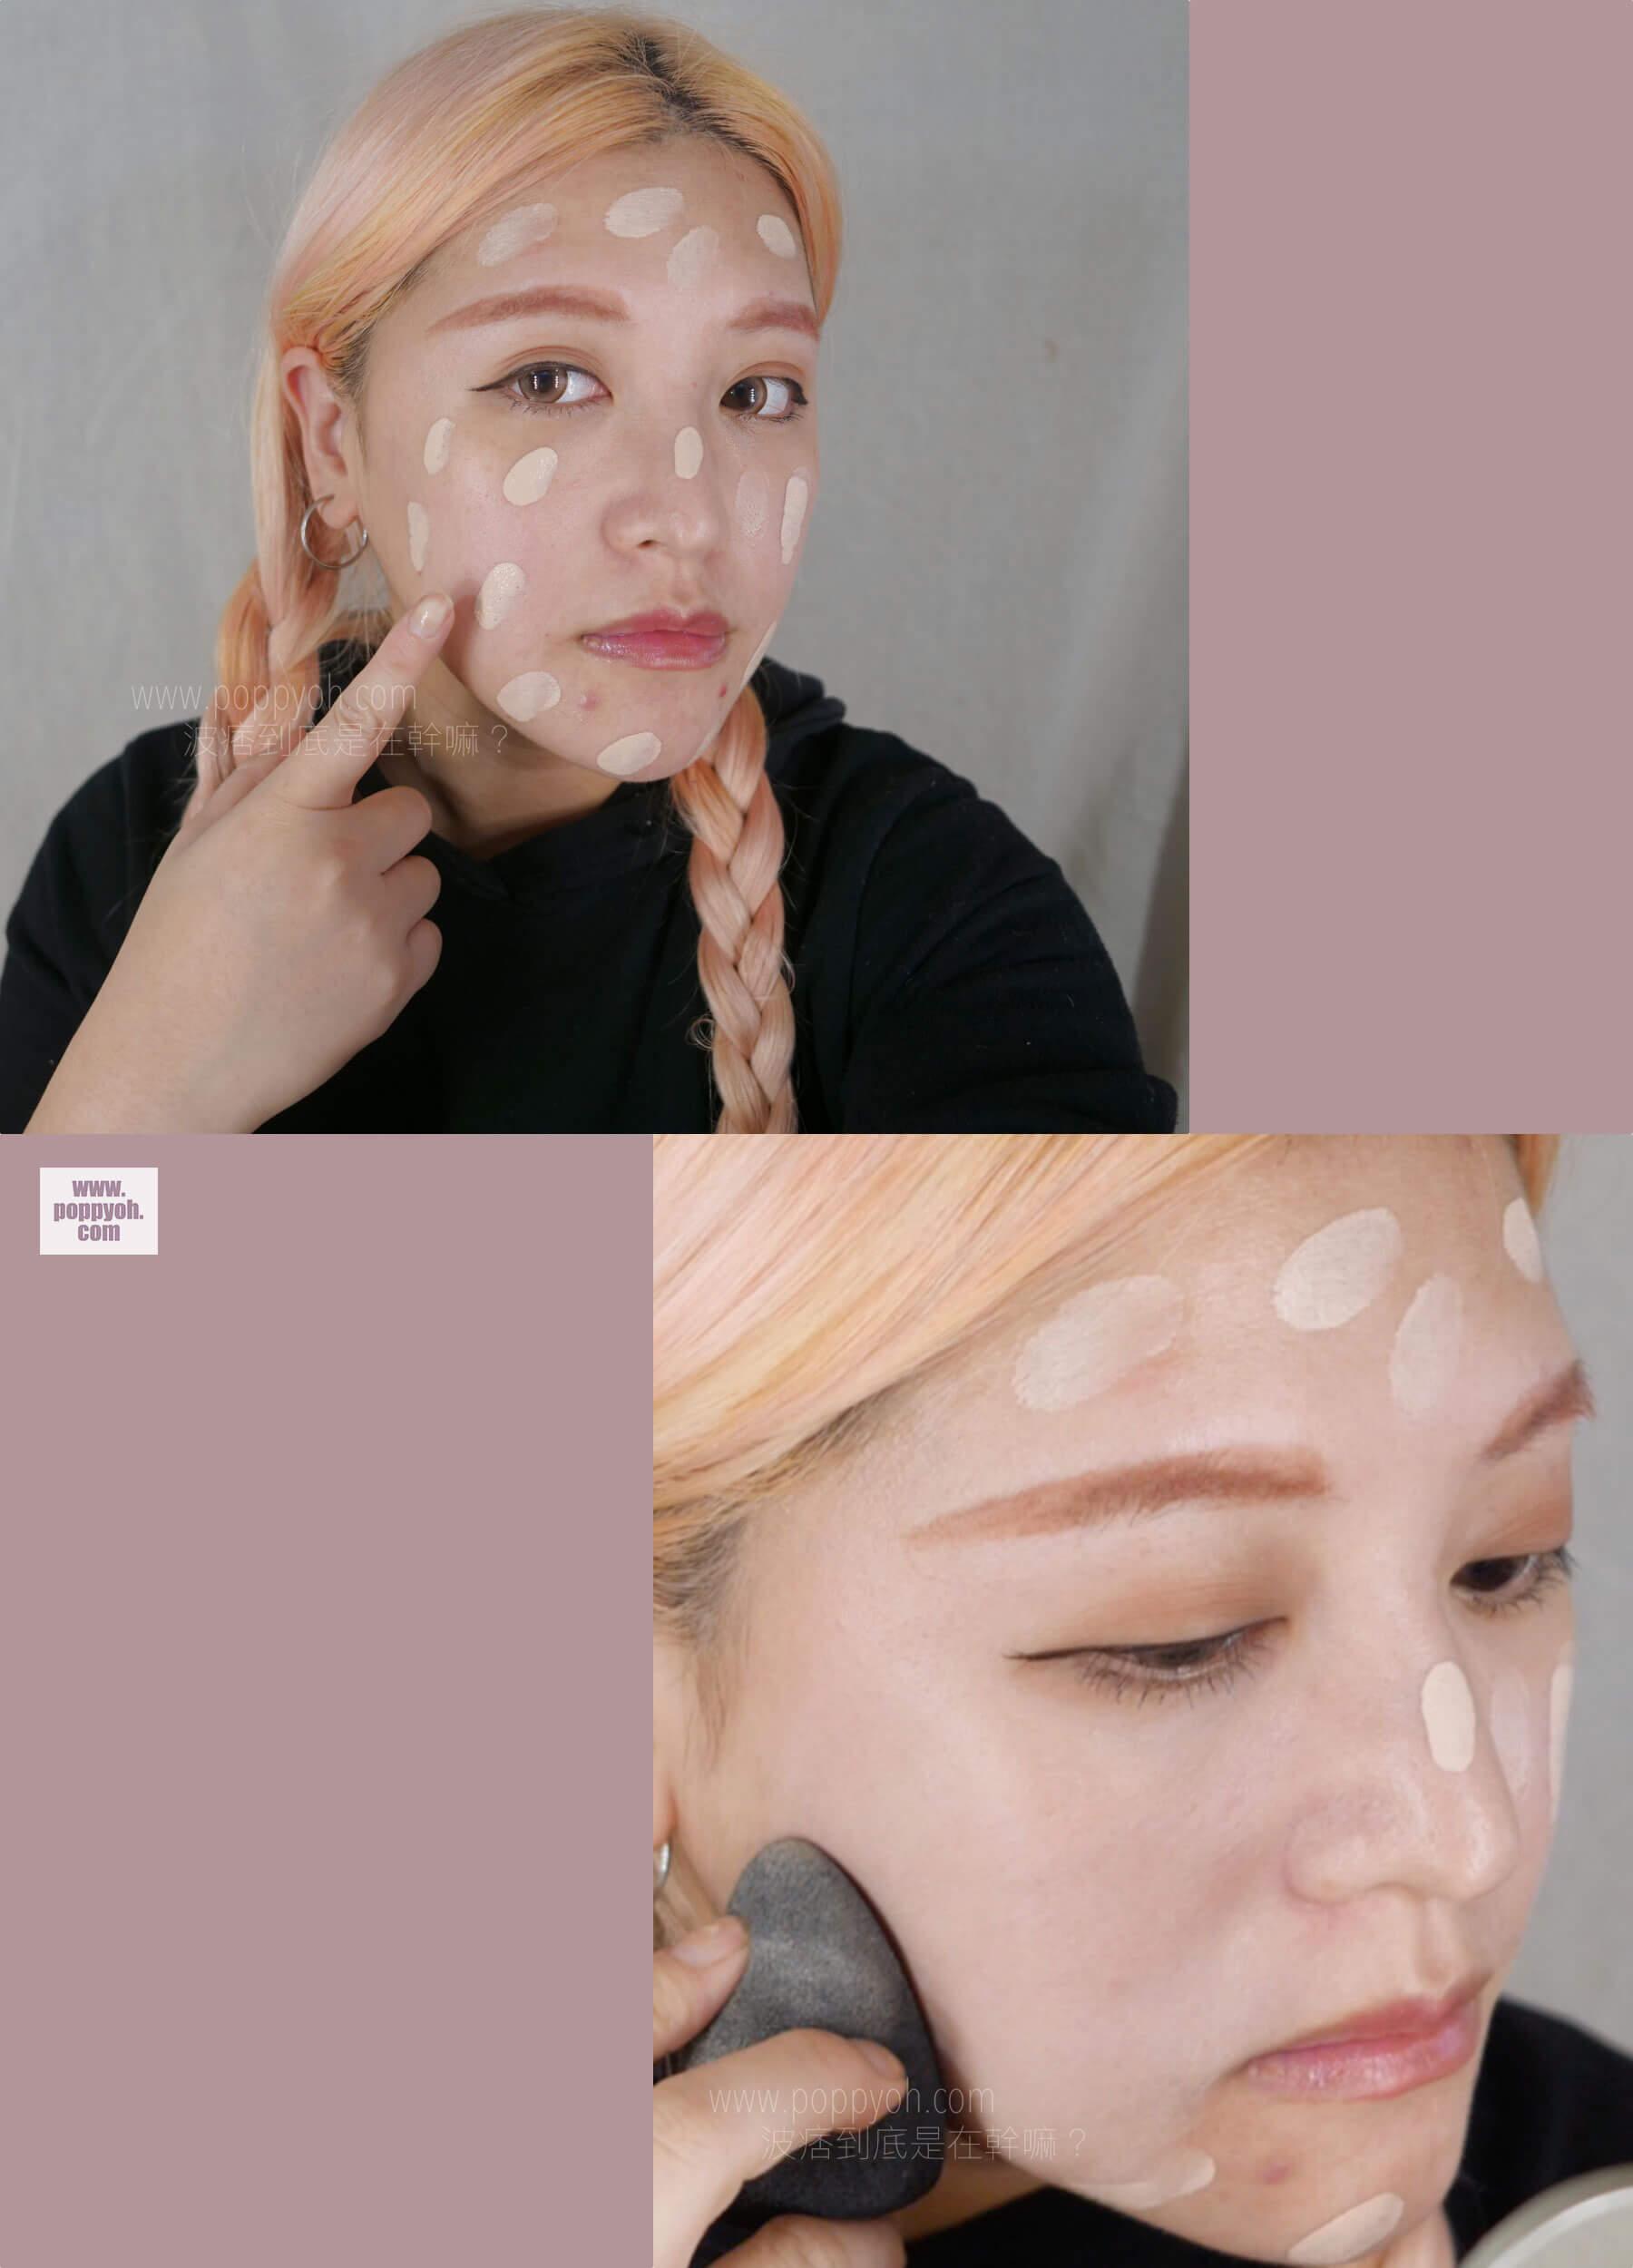 KATE 零瑕肌密微霧粉底液 妝感 妝效 實測 控油 持妝 霧面